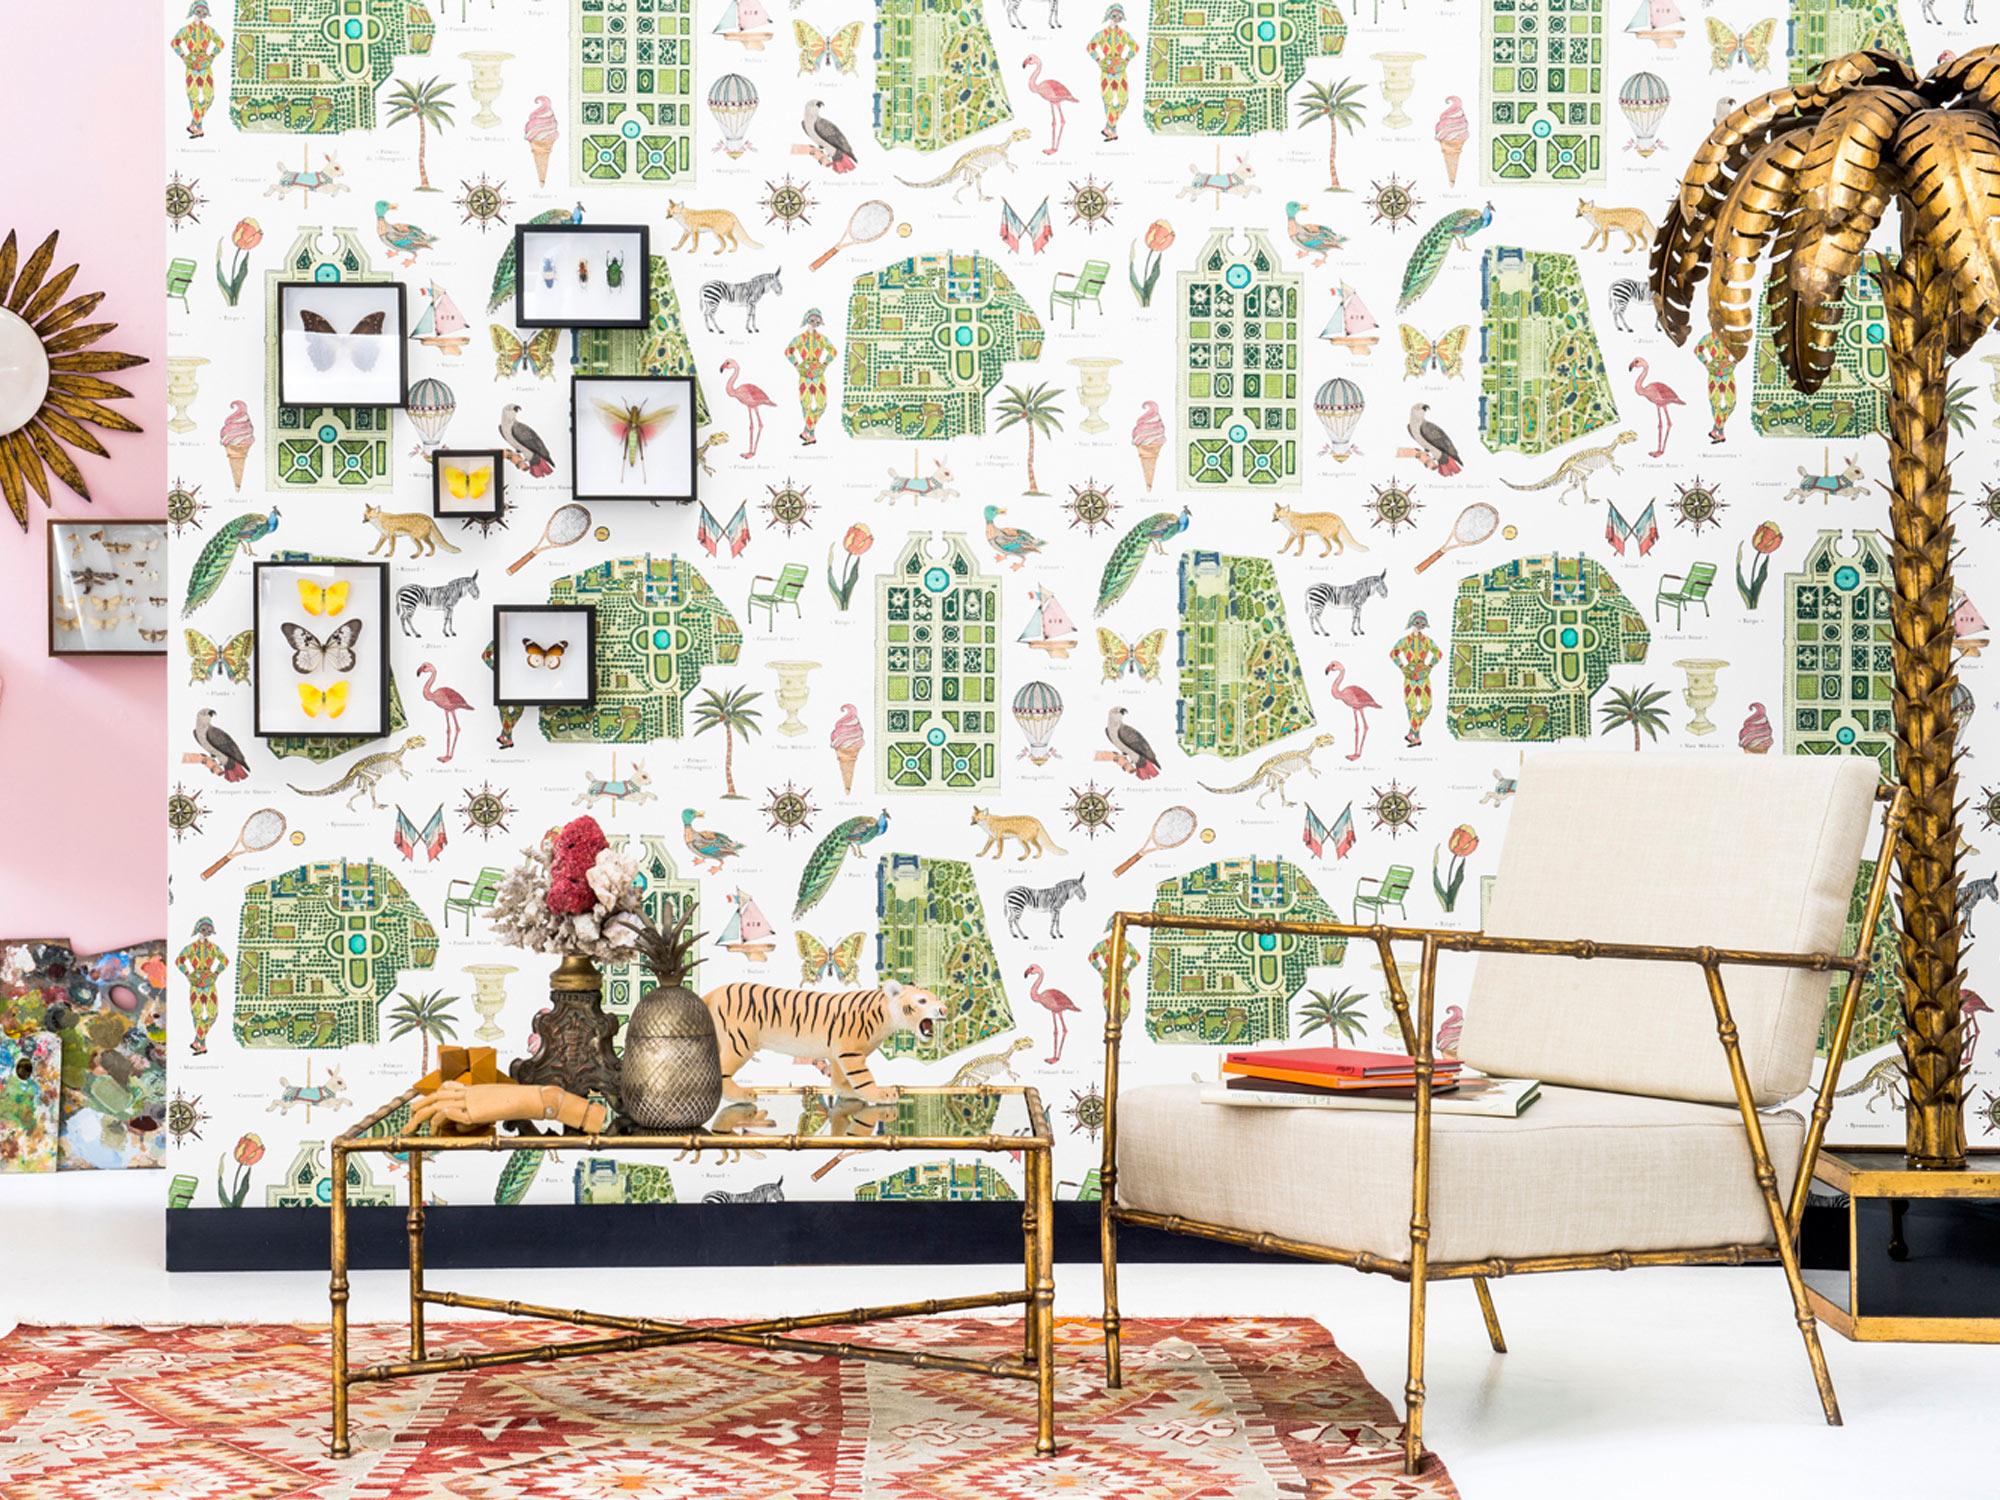 pierre frey tissus showroom paris habitually chic pierre frey in paris la rue du mail fait son. Black Bedroom Furniture Sets. Home Design Ideas